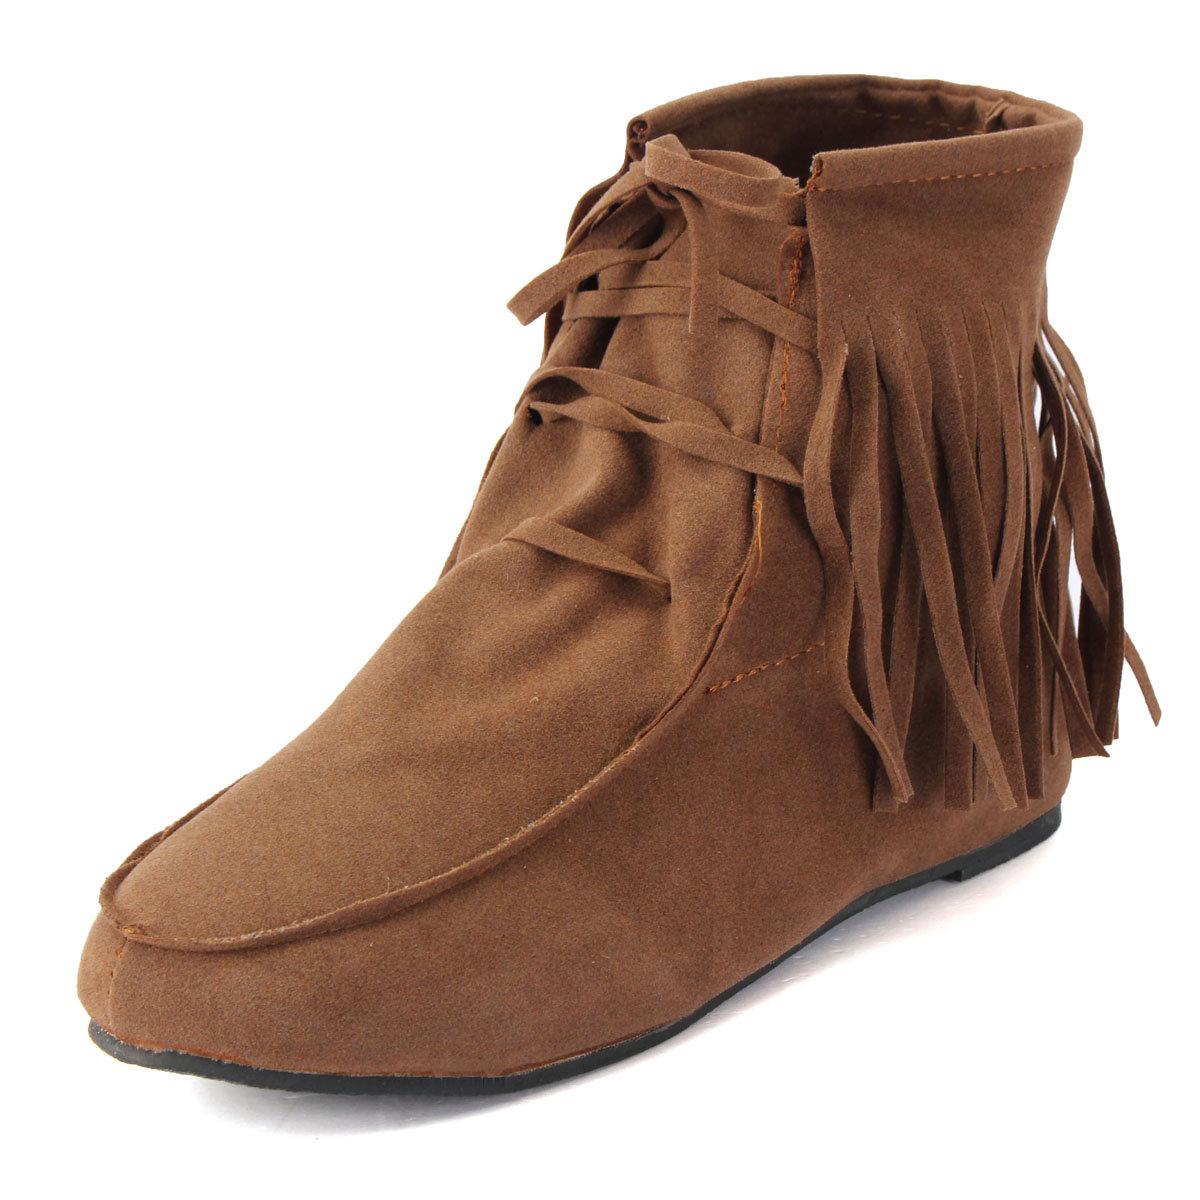 Women New Fashion Tassels Hidden Heel Ankle Boots